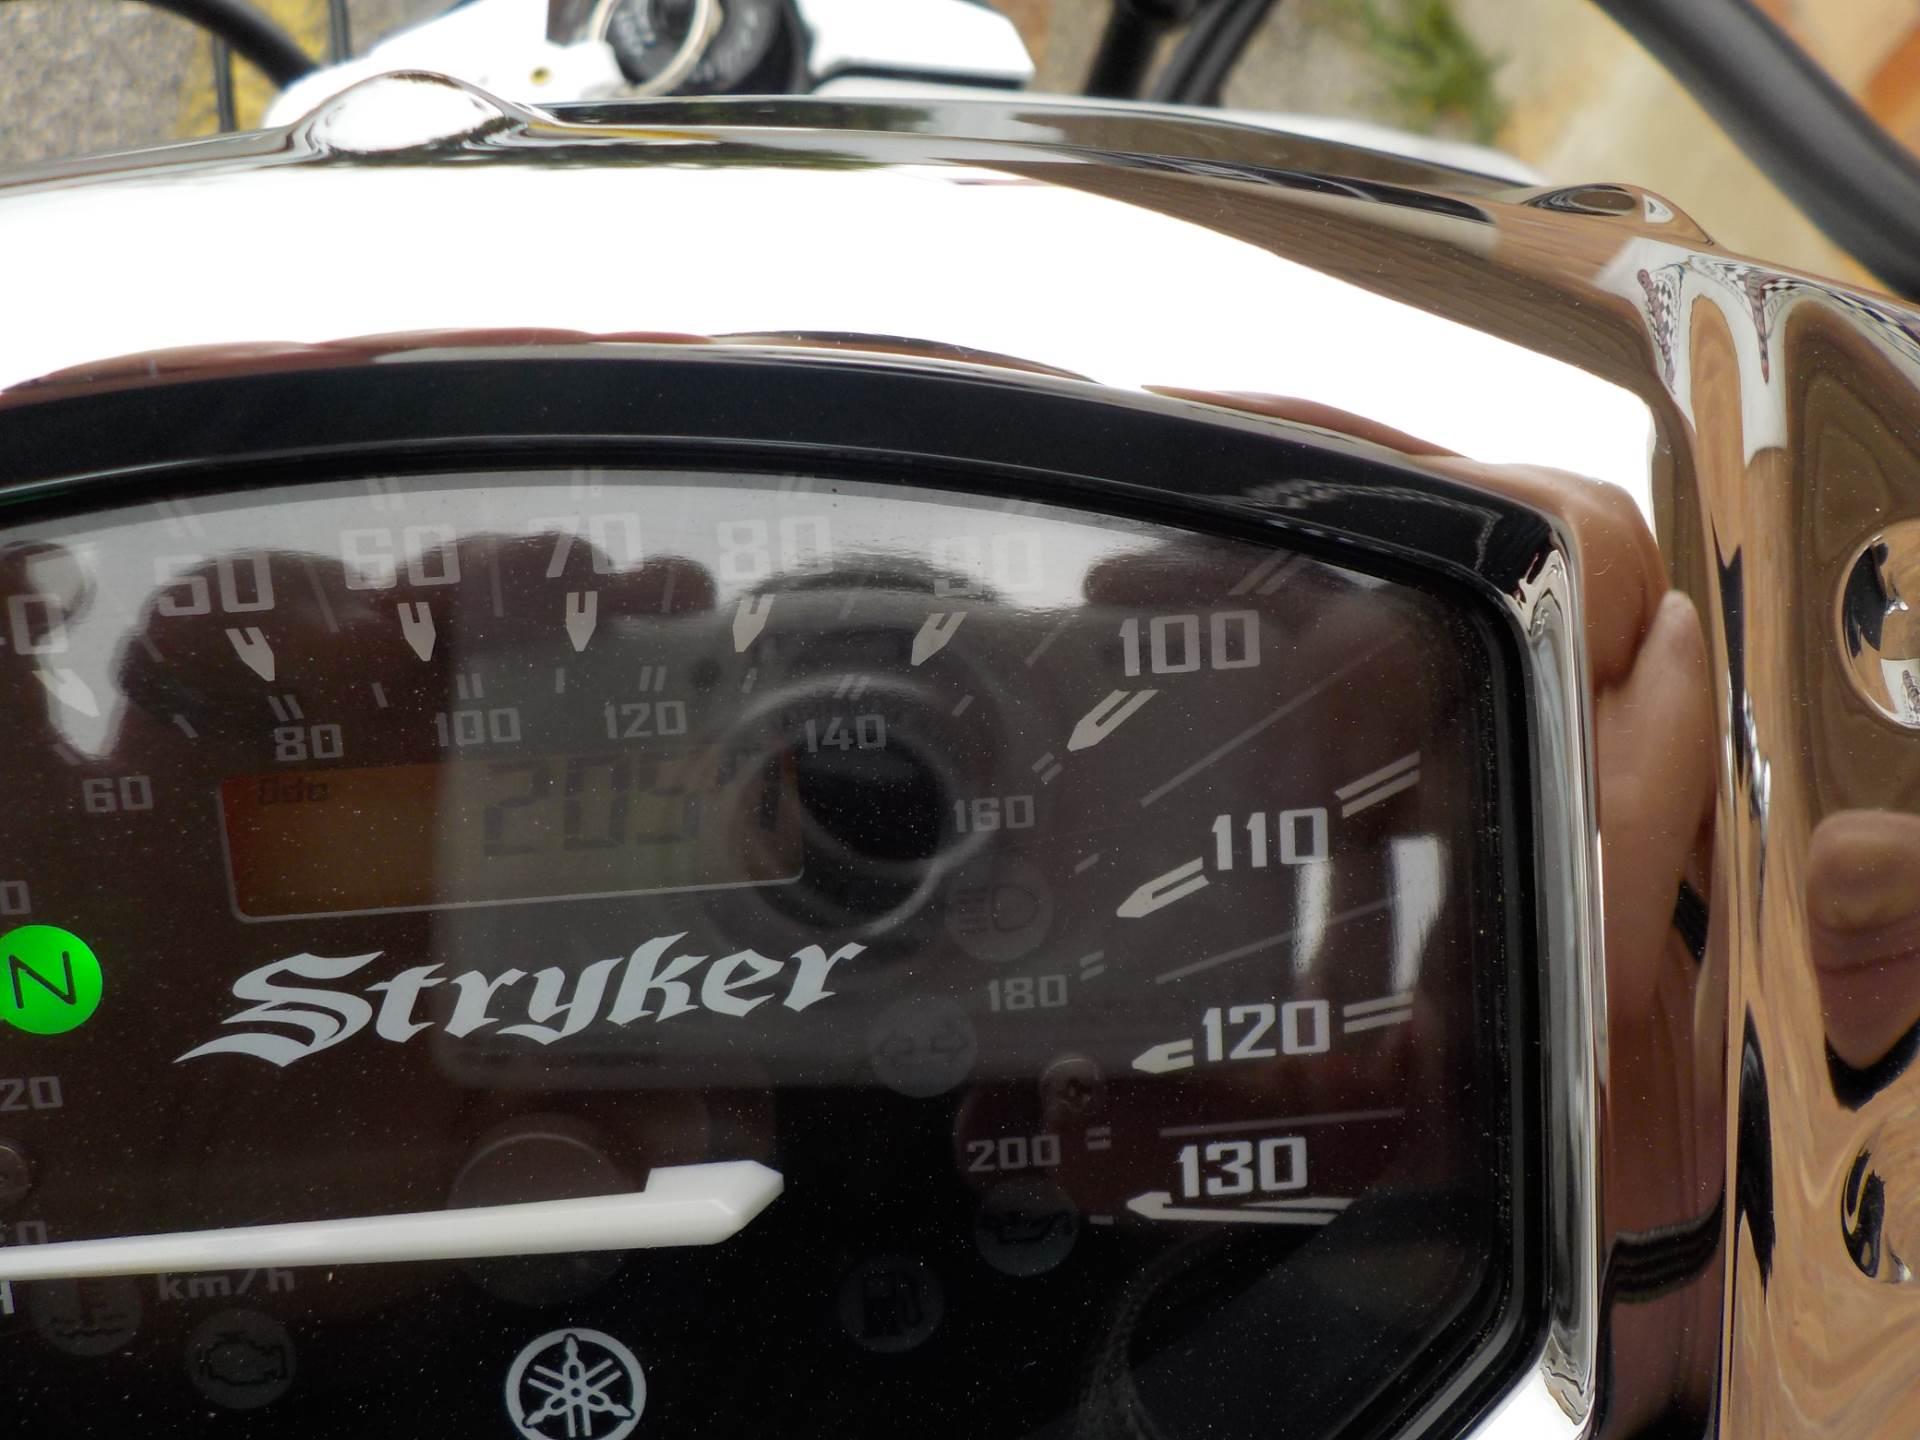 2013 Yamaha Stryker 7